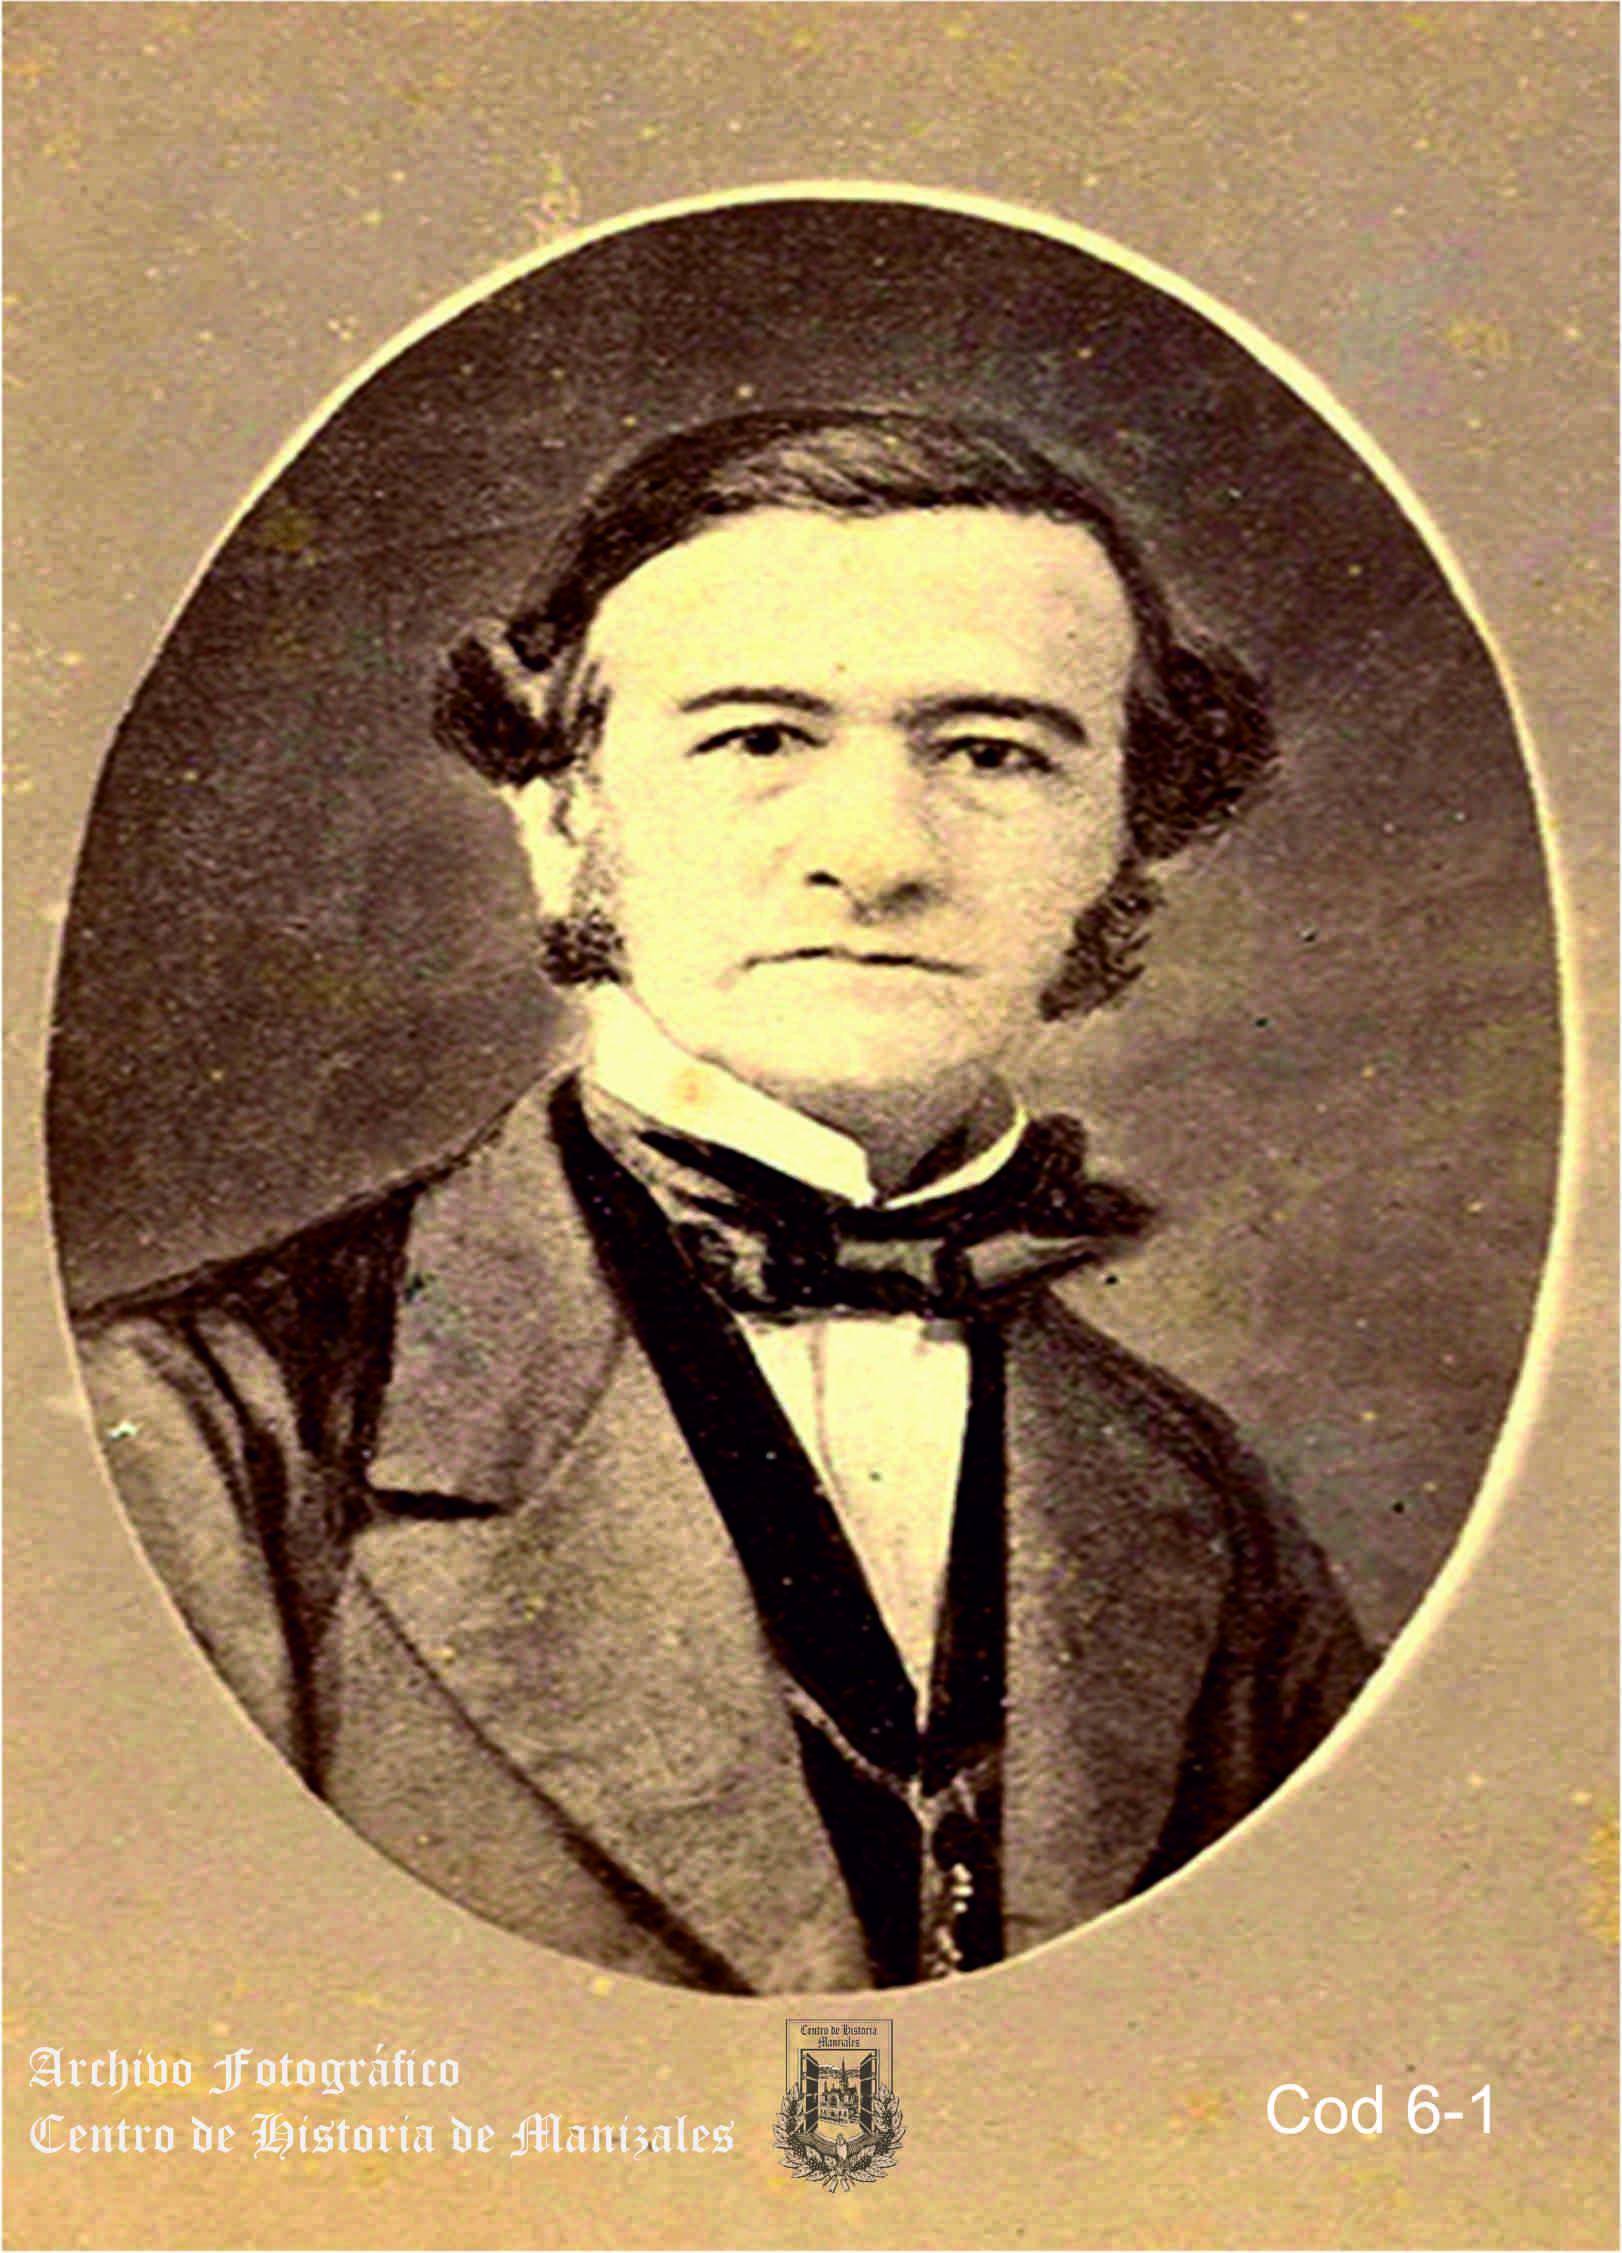 Jorge Gutiérrez de Lara, Gobernador de Antioquia que sancionó la orden de fundación de Manizales el 12 de octubre de 1849.